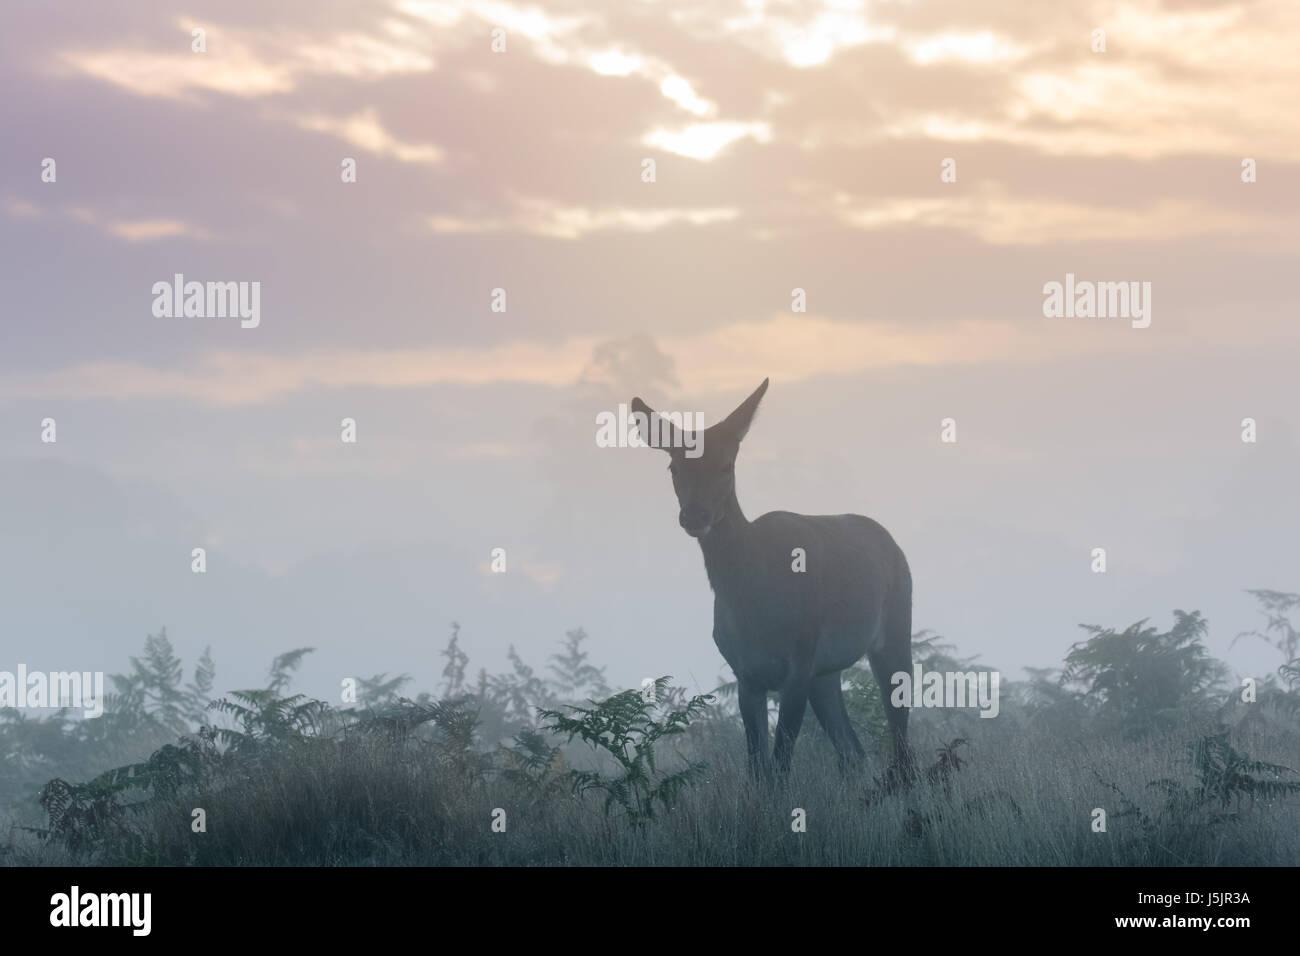 Silhouette di singolo Il cervo (Cervus elaphus) hind o femmina su una fredda mattina fresco su nuvoloso sunrise Immagini Stock